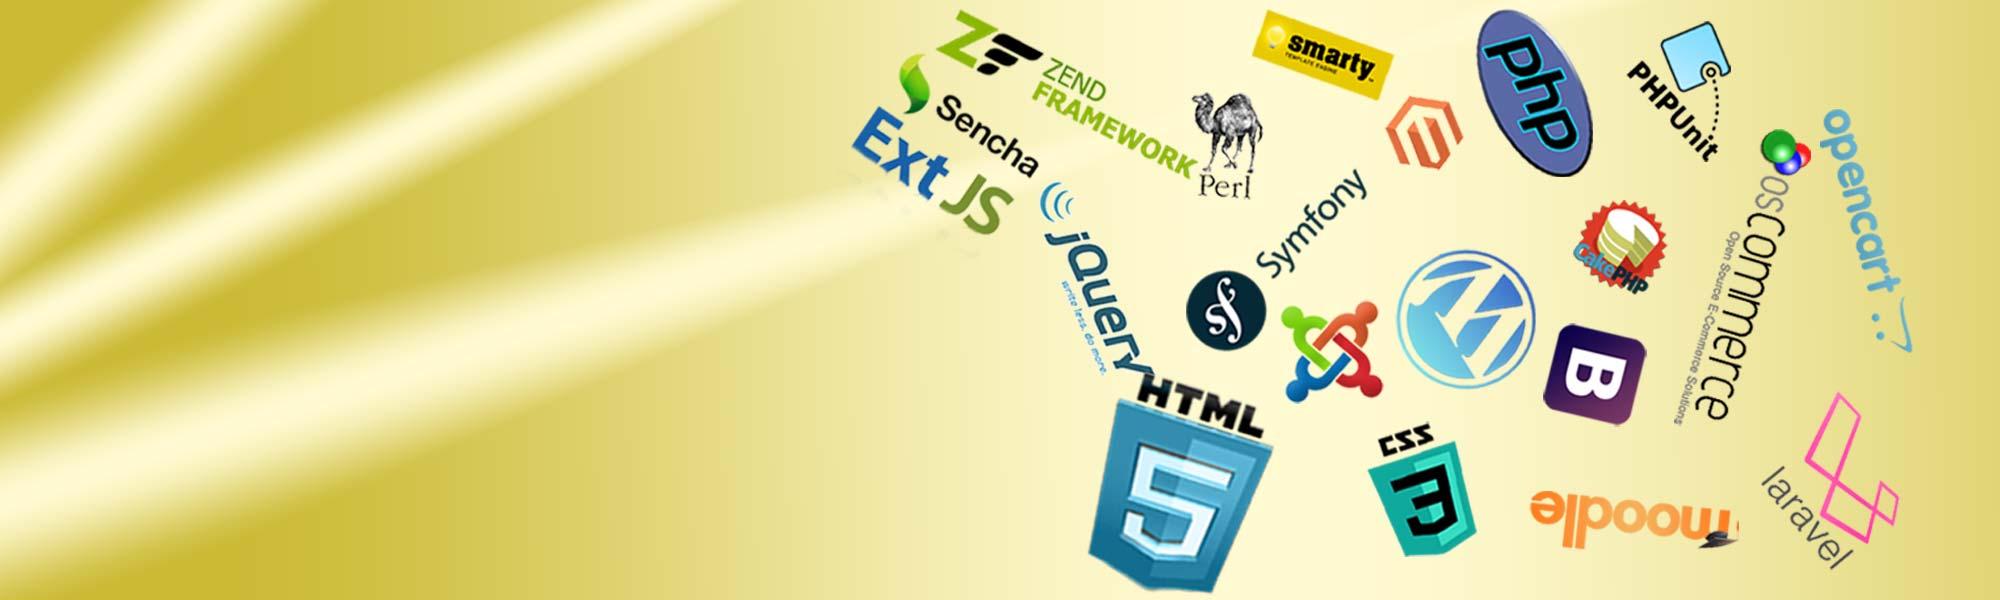 Let's-reach-website-destination-using-open-source-BG